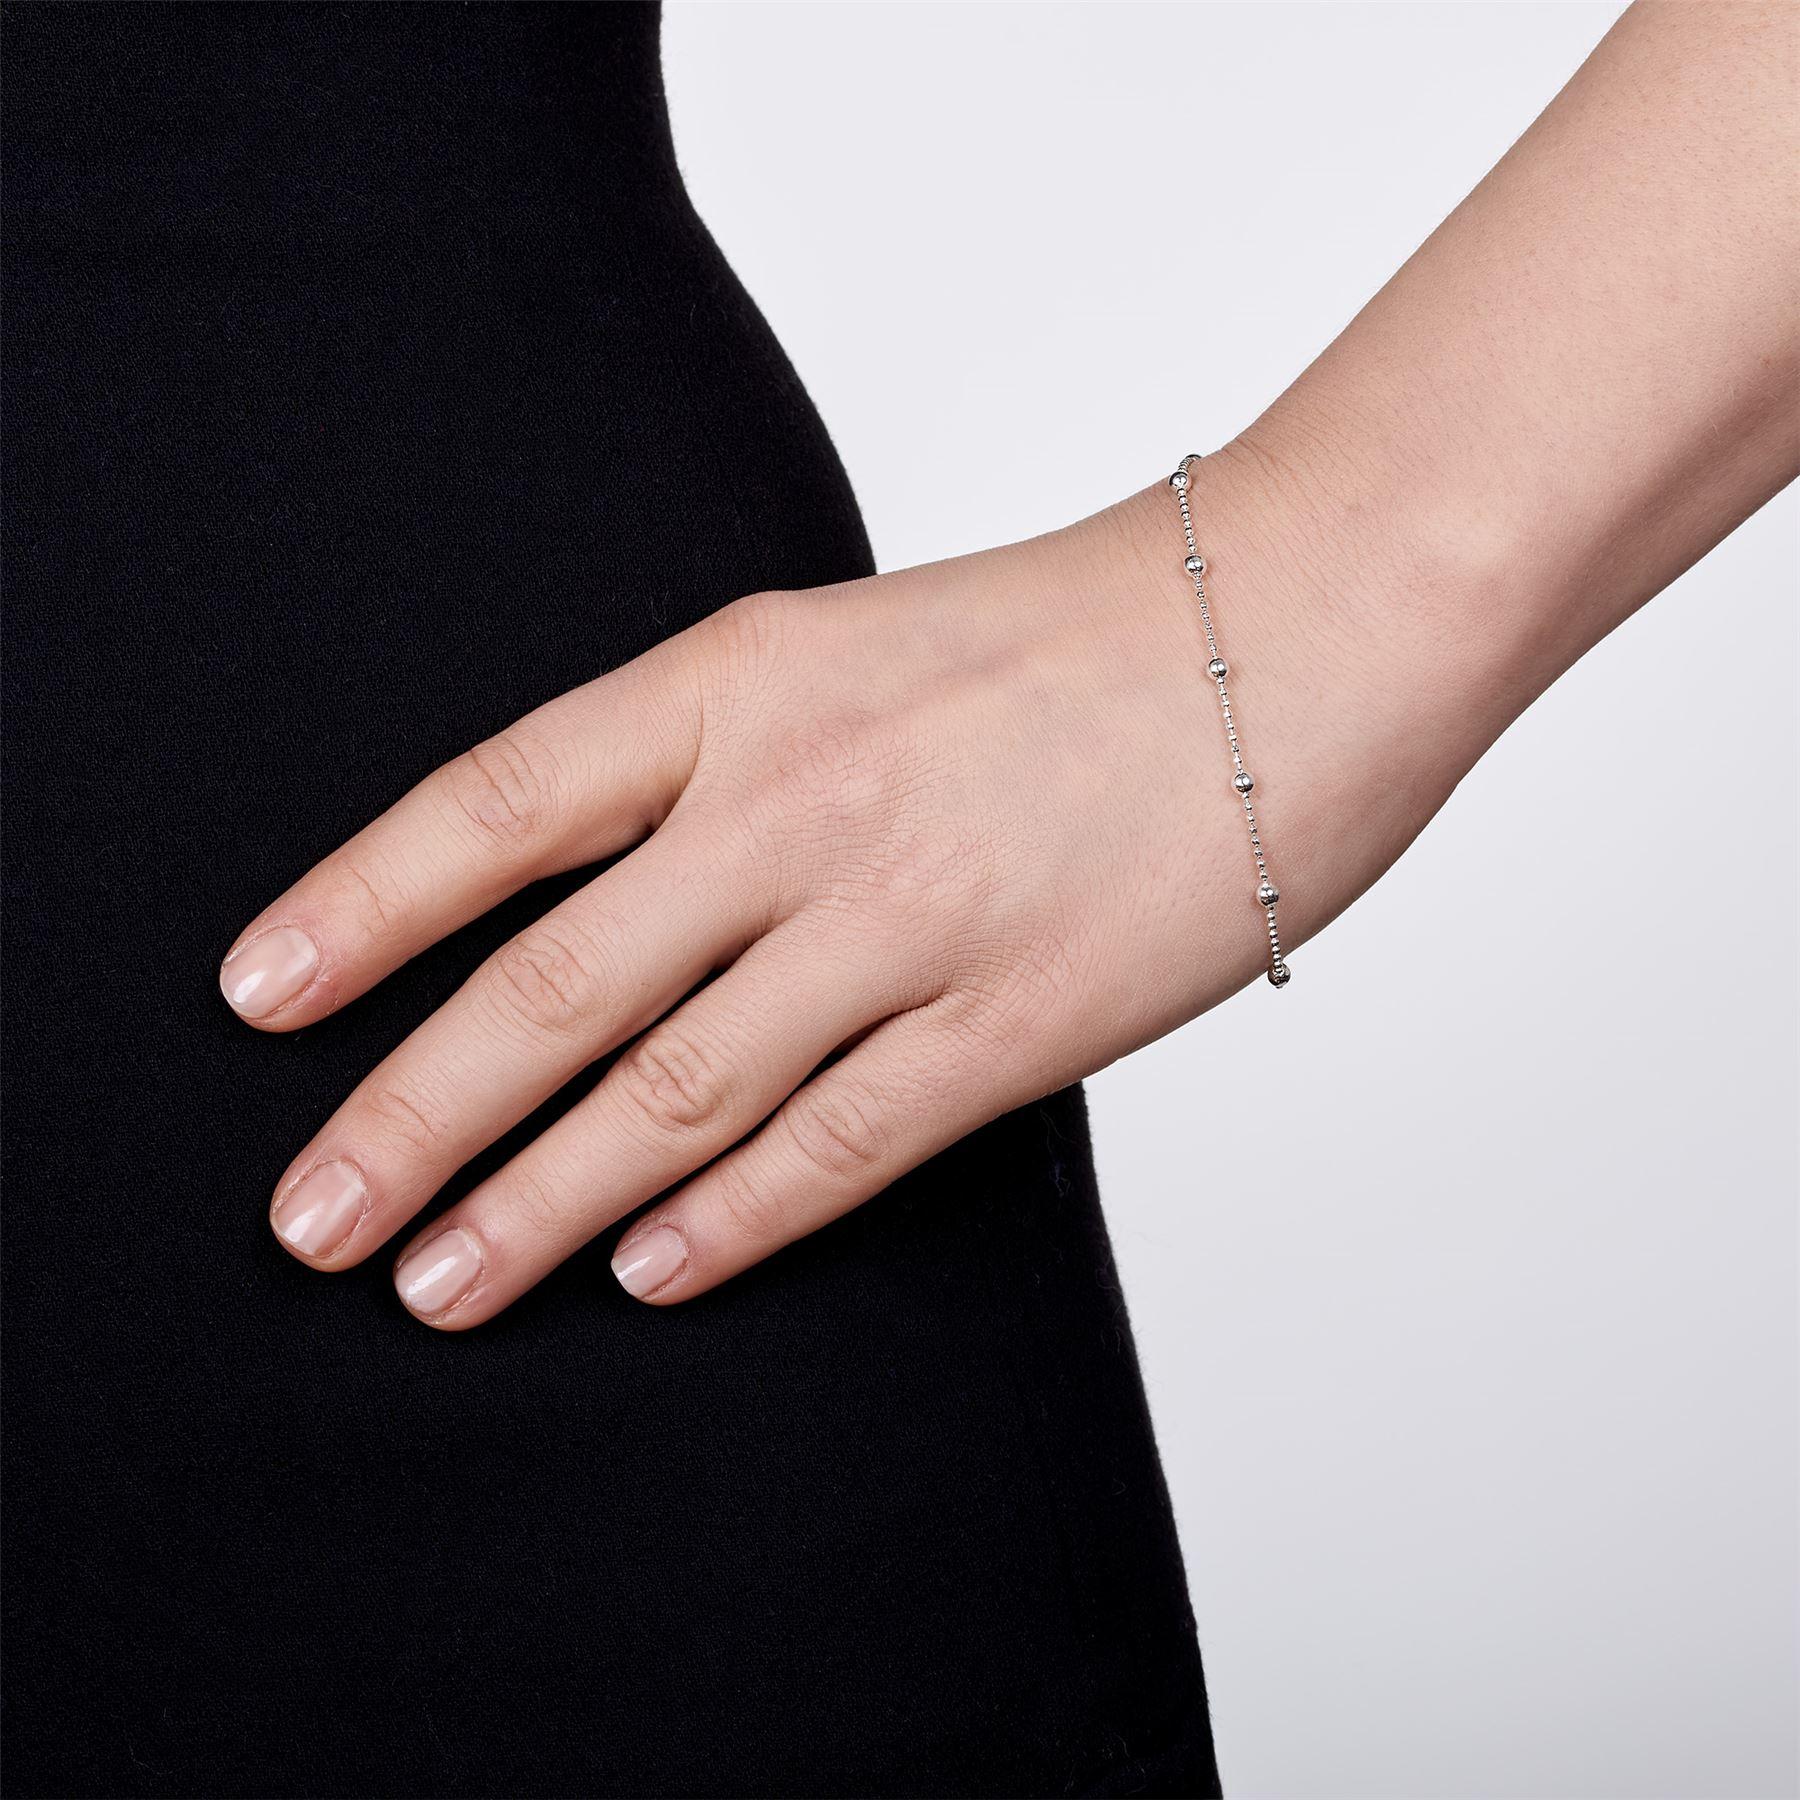 Amberta-Bijoux-Bracelet-en-Vrai-Argent-Sterling-925-Chaine-pour-Femme-a-la-Mode thumbnail 10